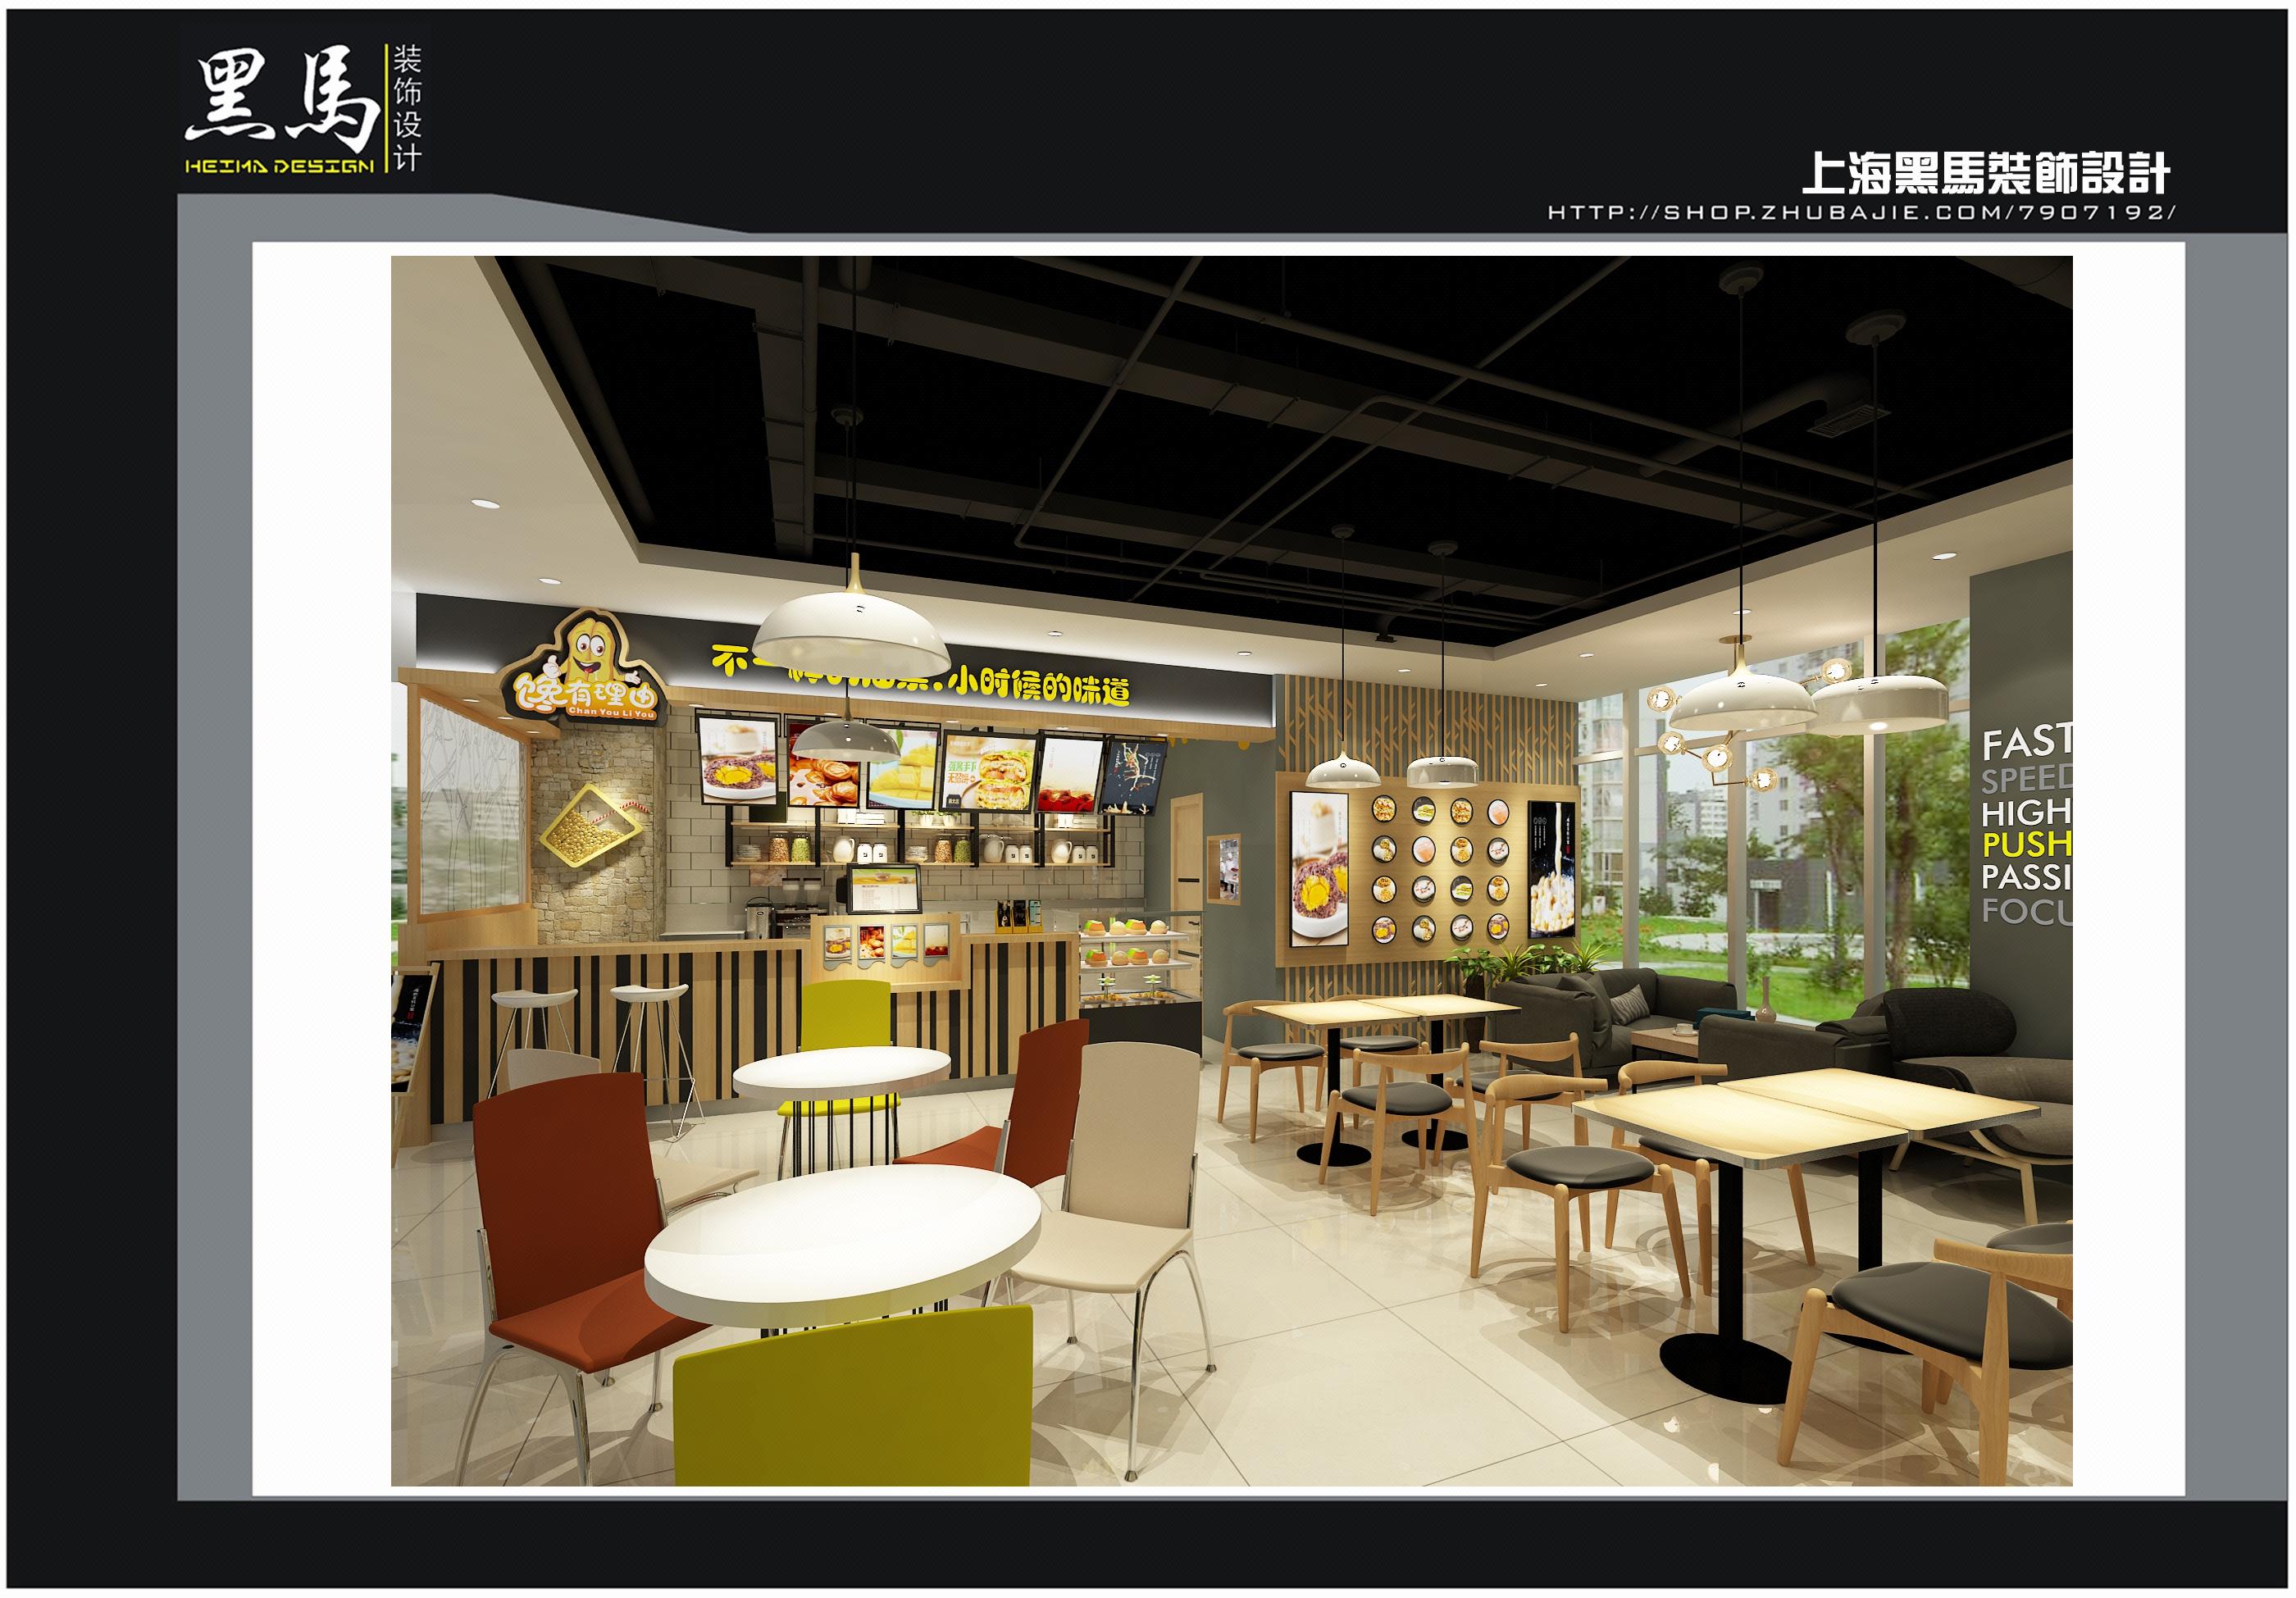 餐飲,店鋪設計,3d效果圖,門面裝修,裝修設計,咖啡空間